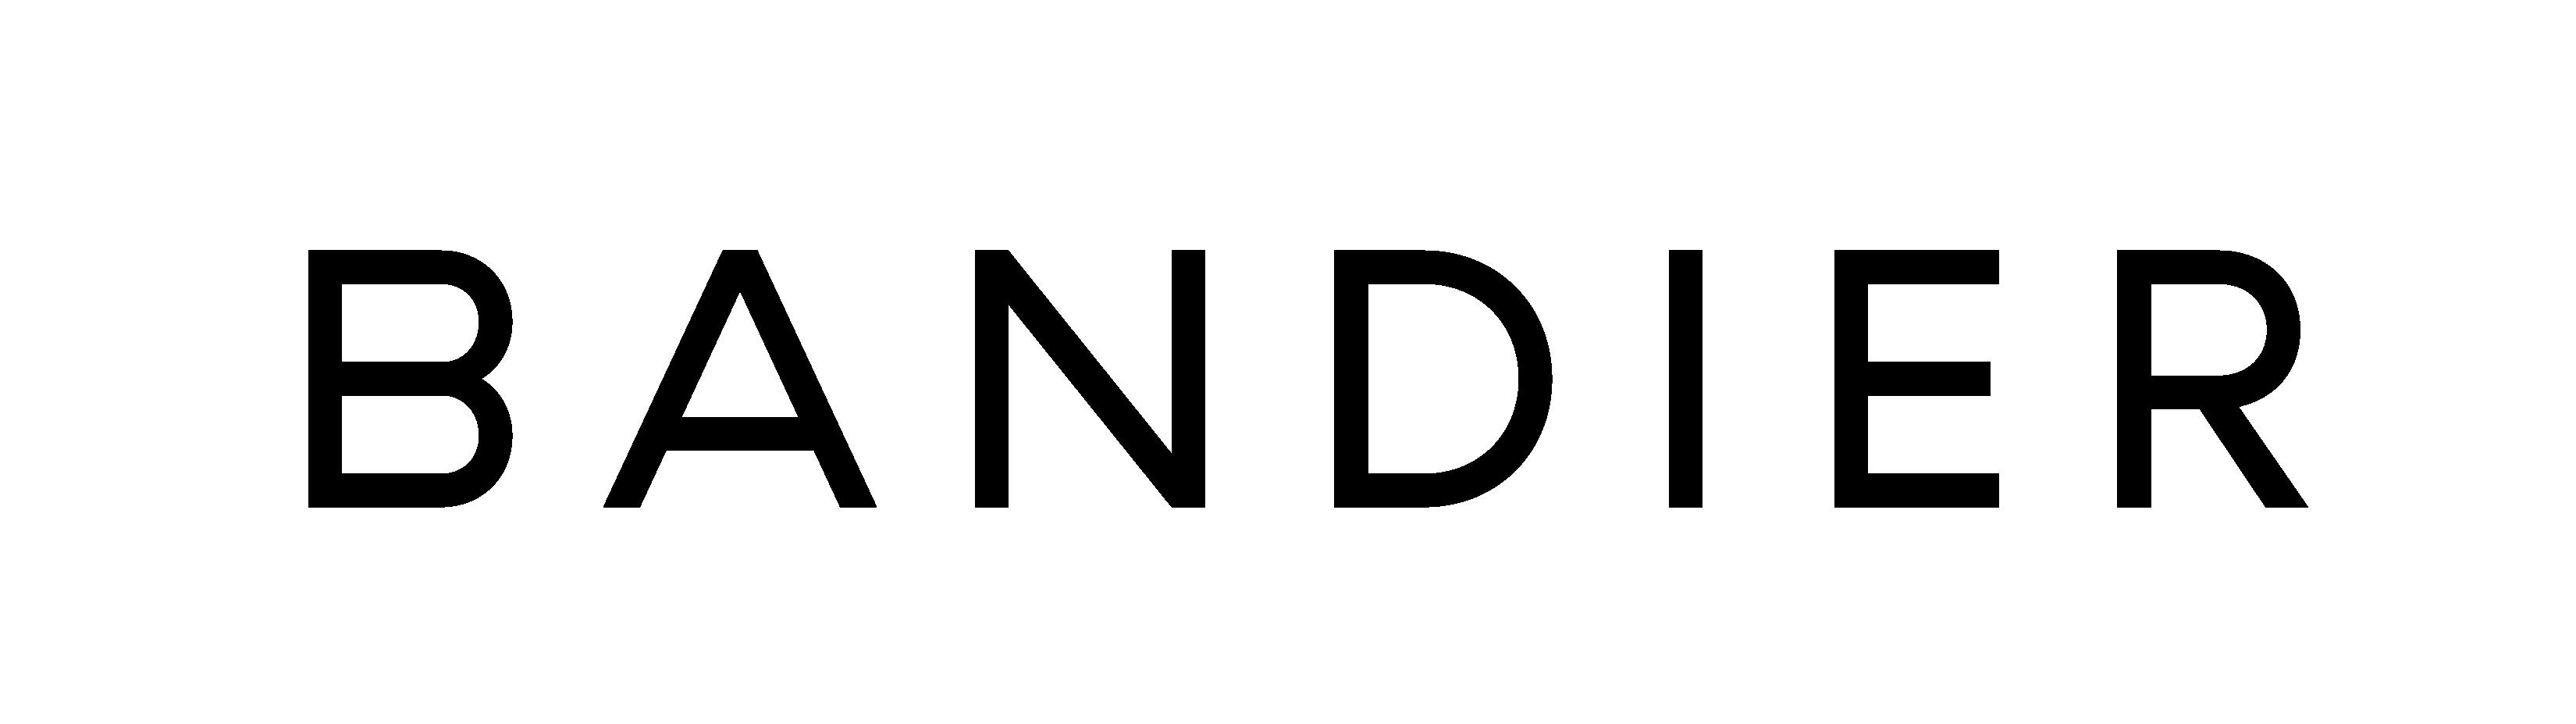 Bandier_Logotype_RGB-01 - Christine Bender.png